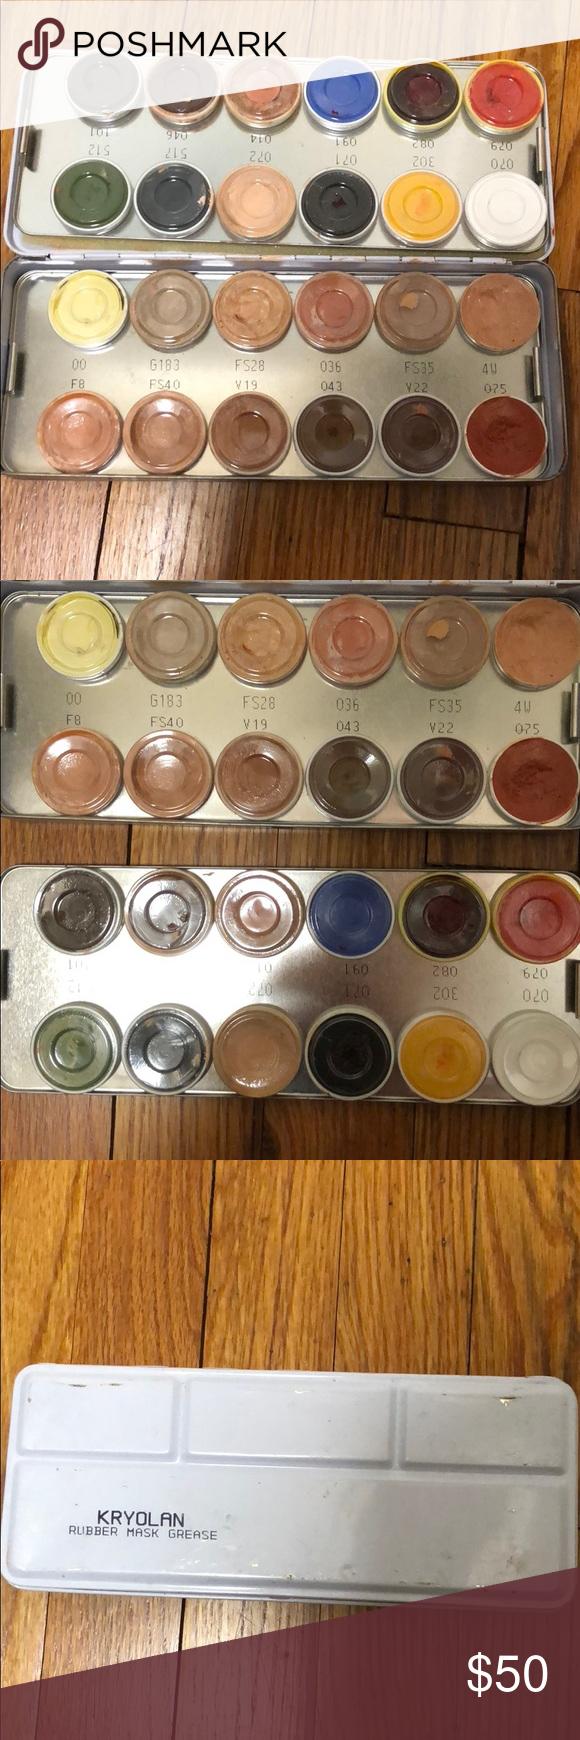 Kryolan rubber mask grease Pro makeup kryolan grease paint